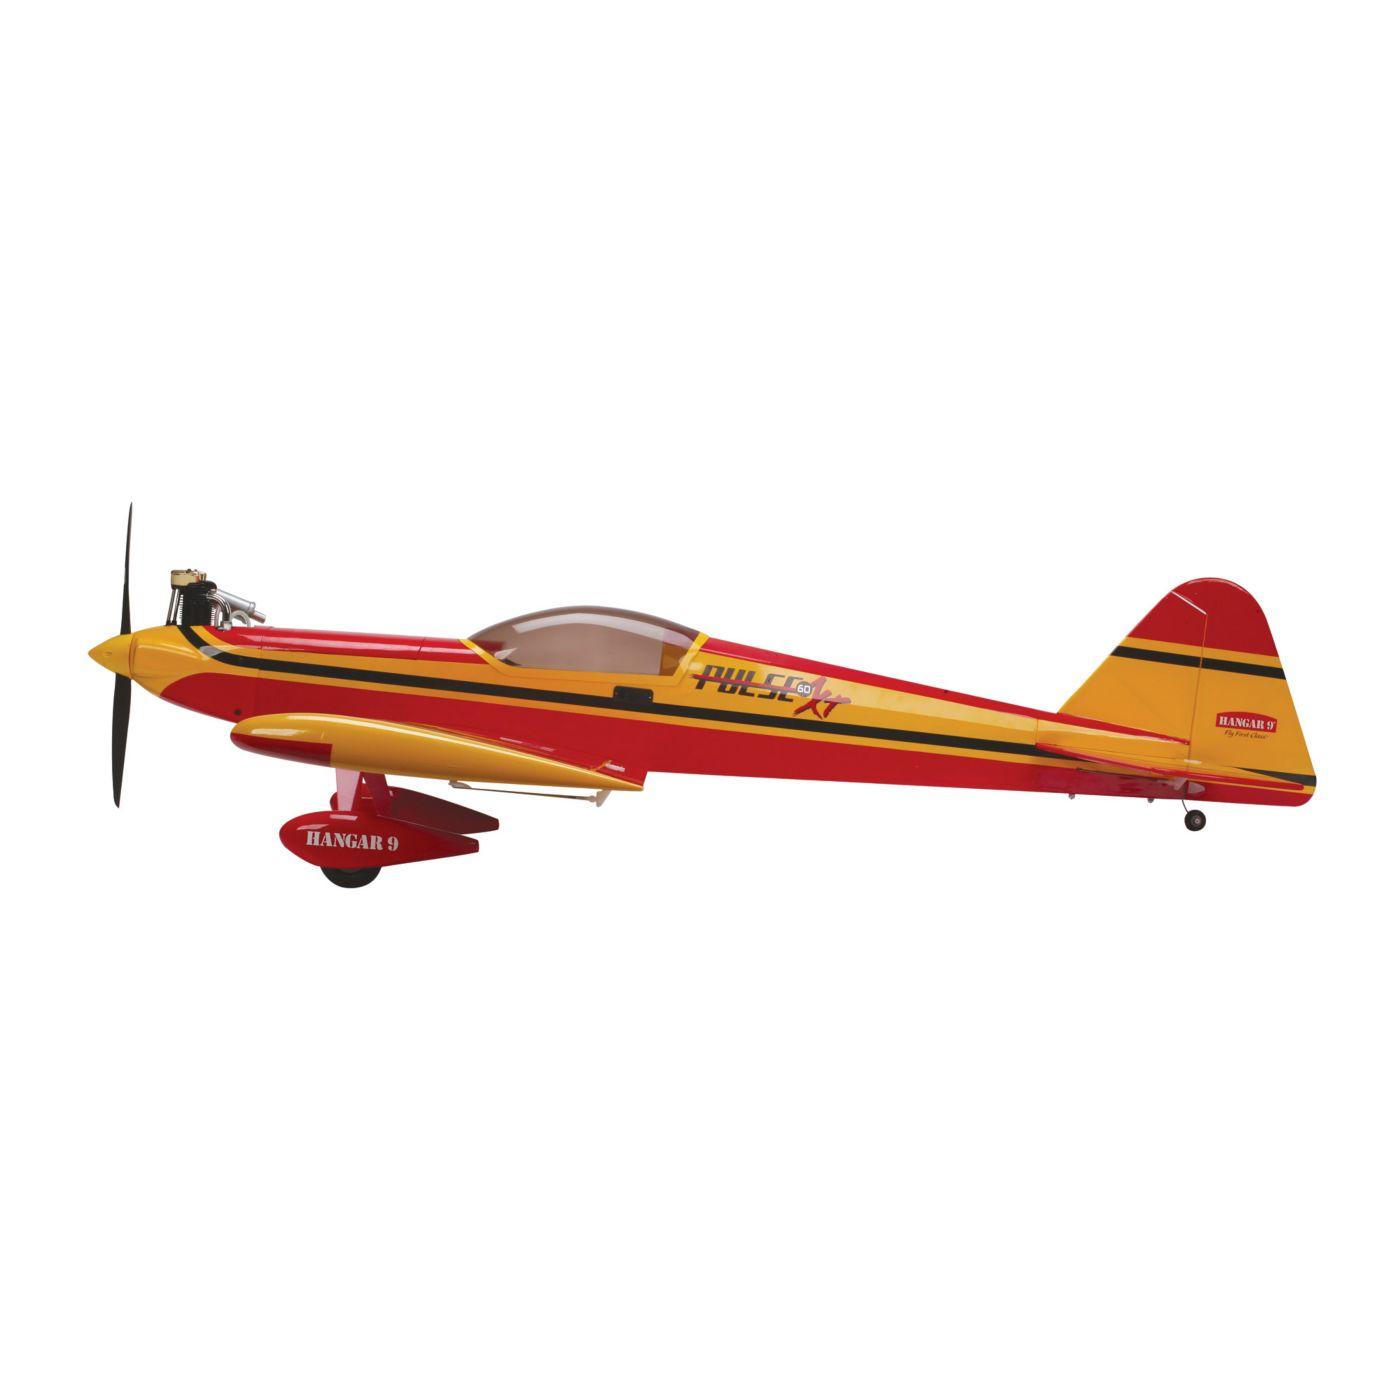 Pulse XT 60 hangar 9